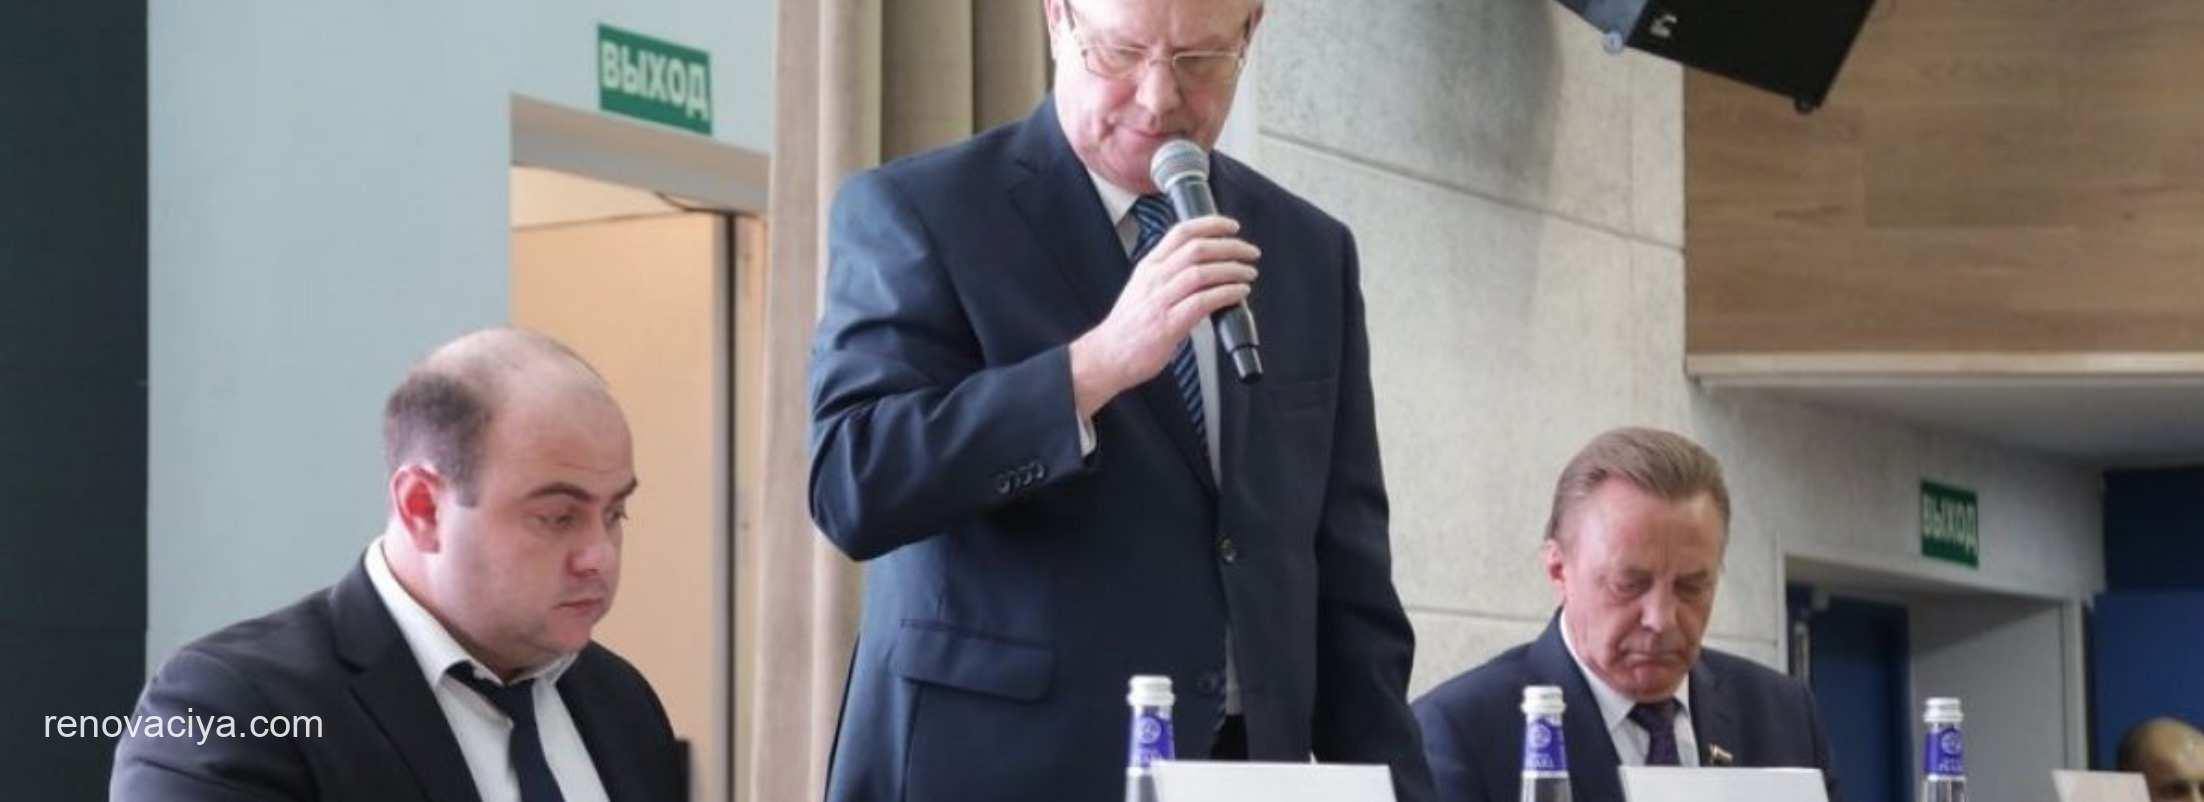 префектура ЮВАО встретилась с жителями Рязанского района